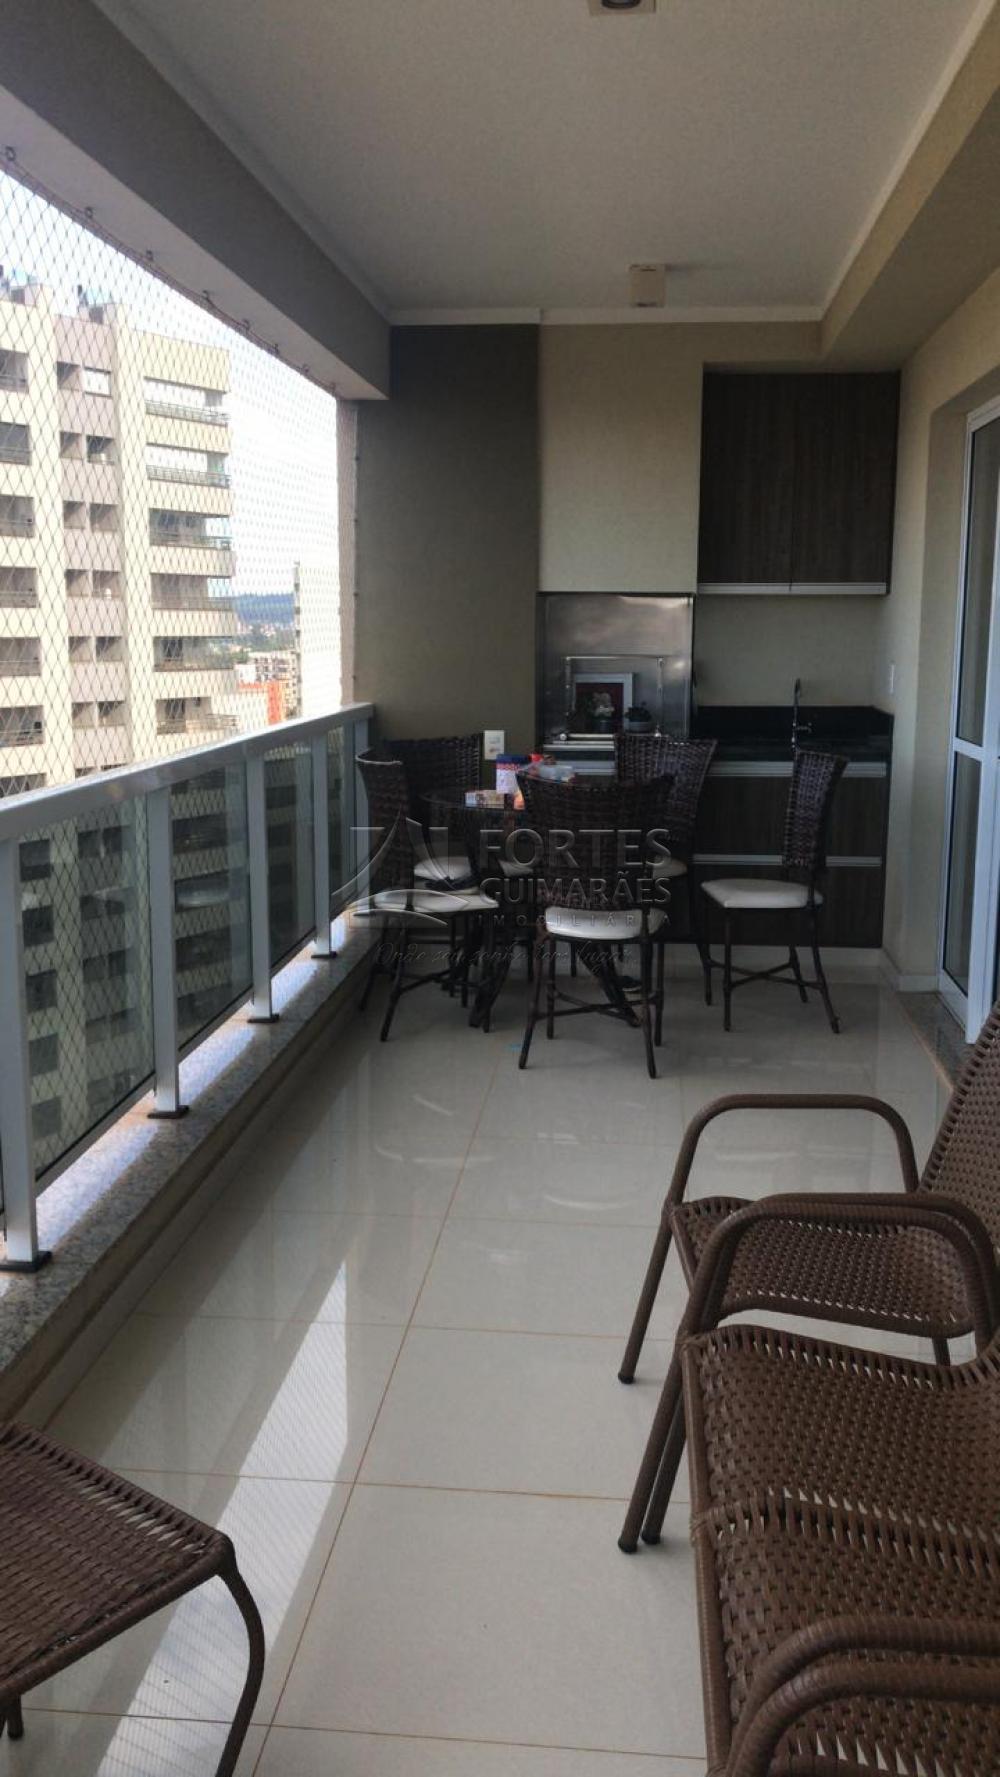 Alugar Apartamentos / Padrão em Ribeirão Preto apenas R$ 3.500,00 - Foto 6